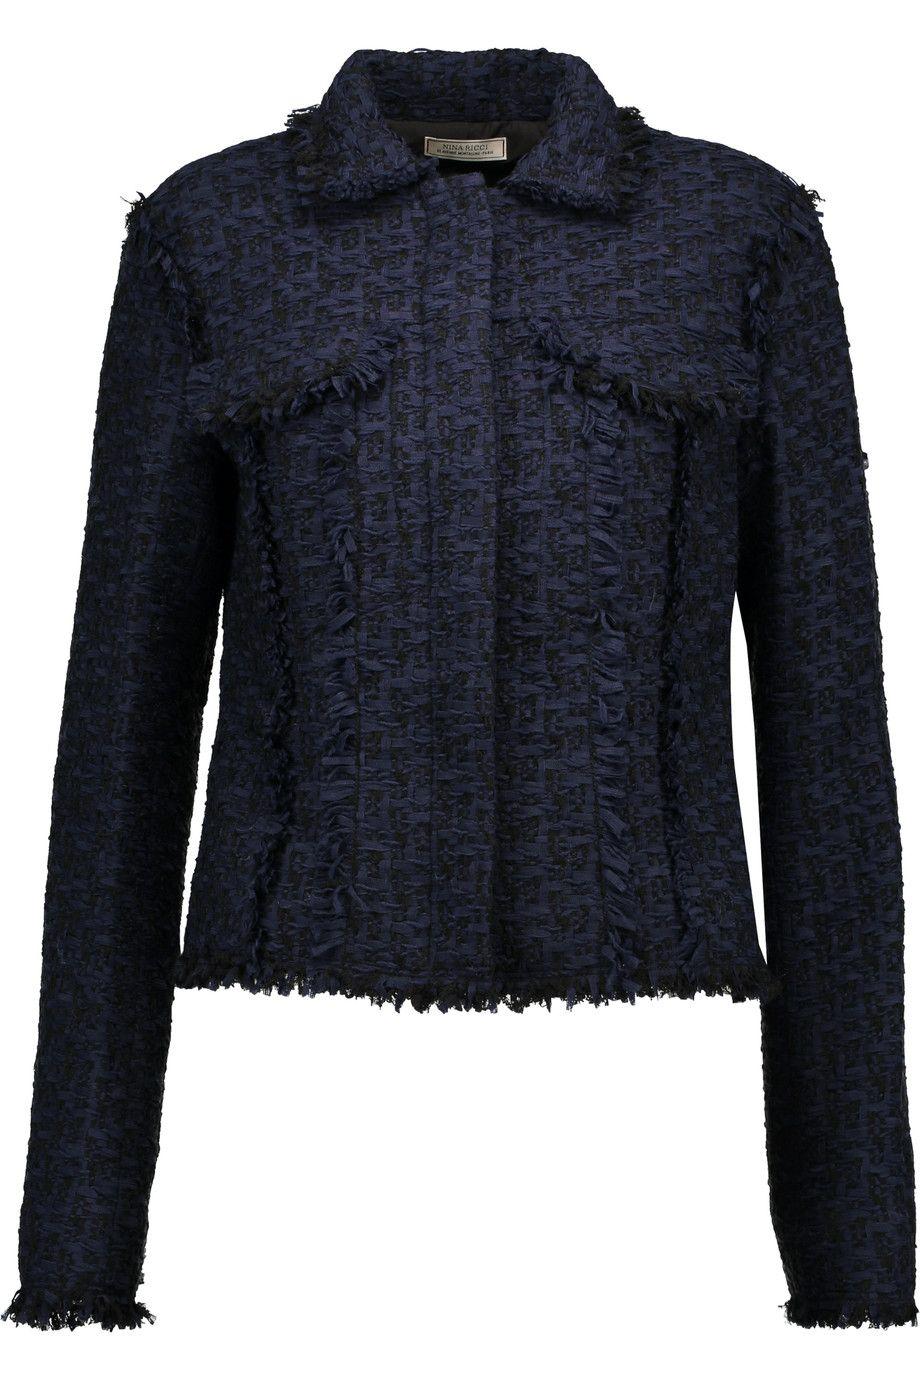 NINA RICCI Wool-blend tweed jacket. #ninaricci #cloth #jacket